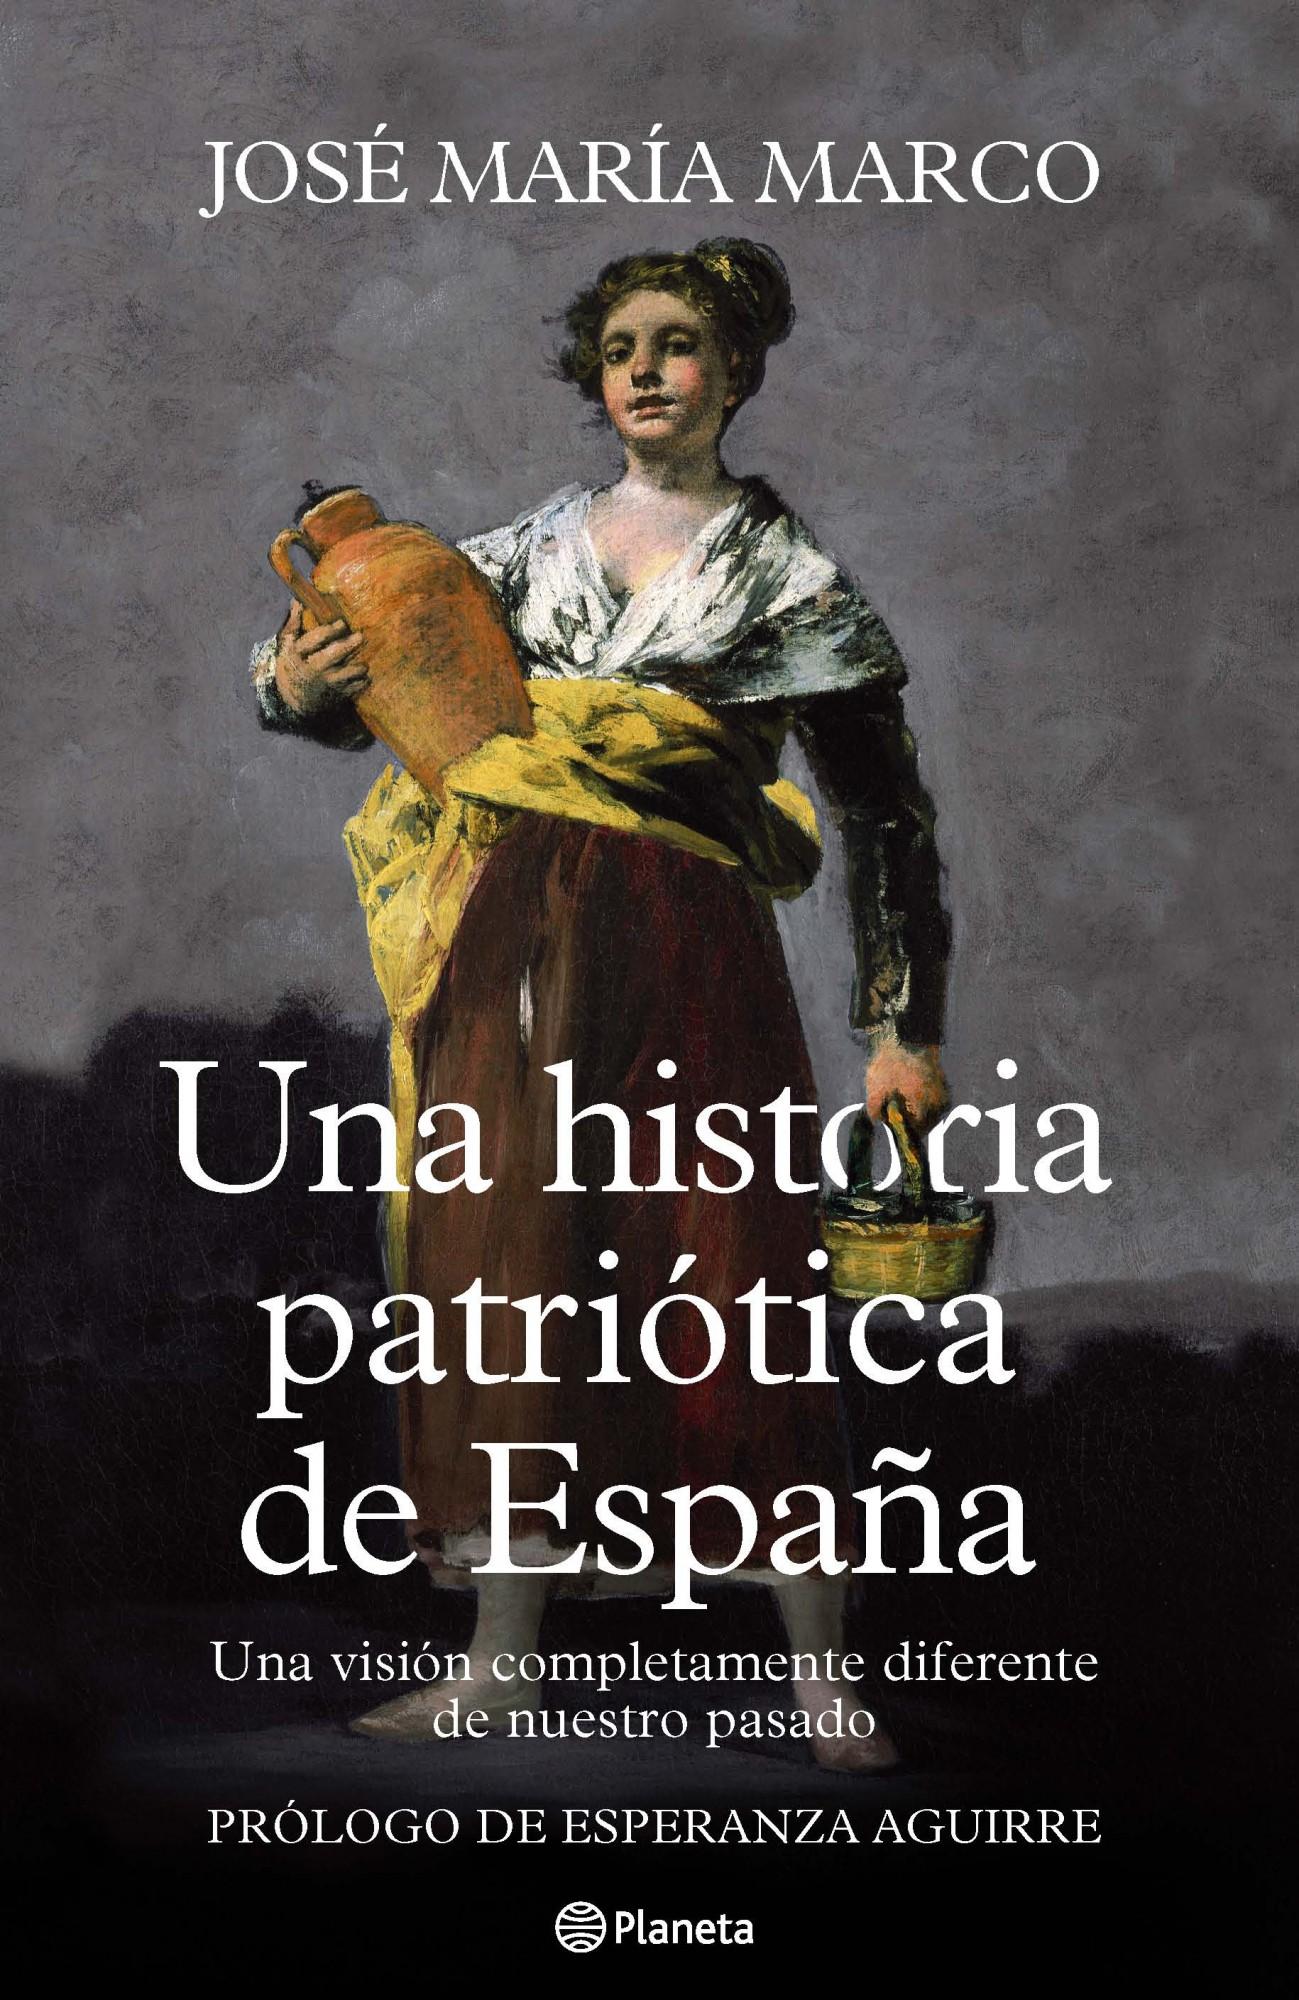 UNA HISTORIA PATRIOTICA DE ESPAÑA: UNA VISION COMPLETAMENTE DIFER ...